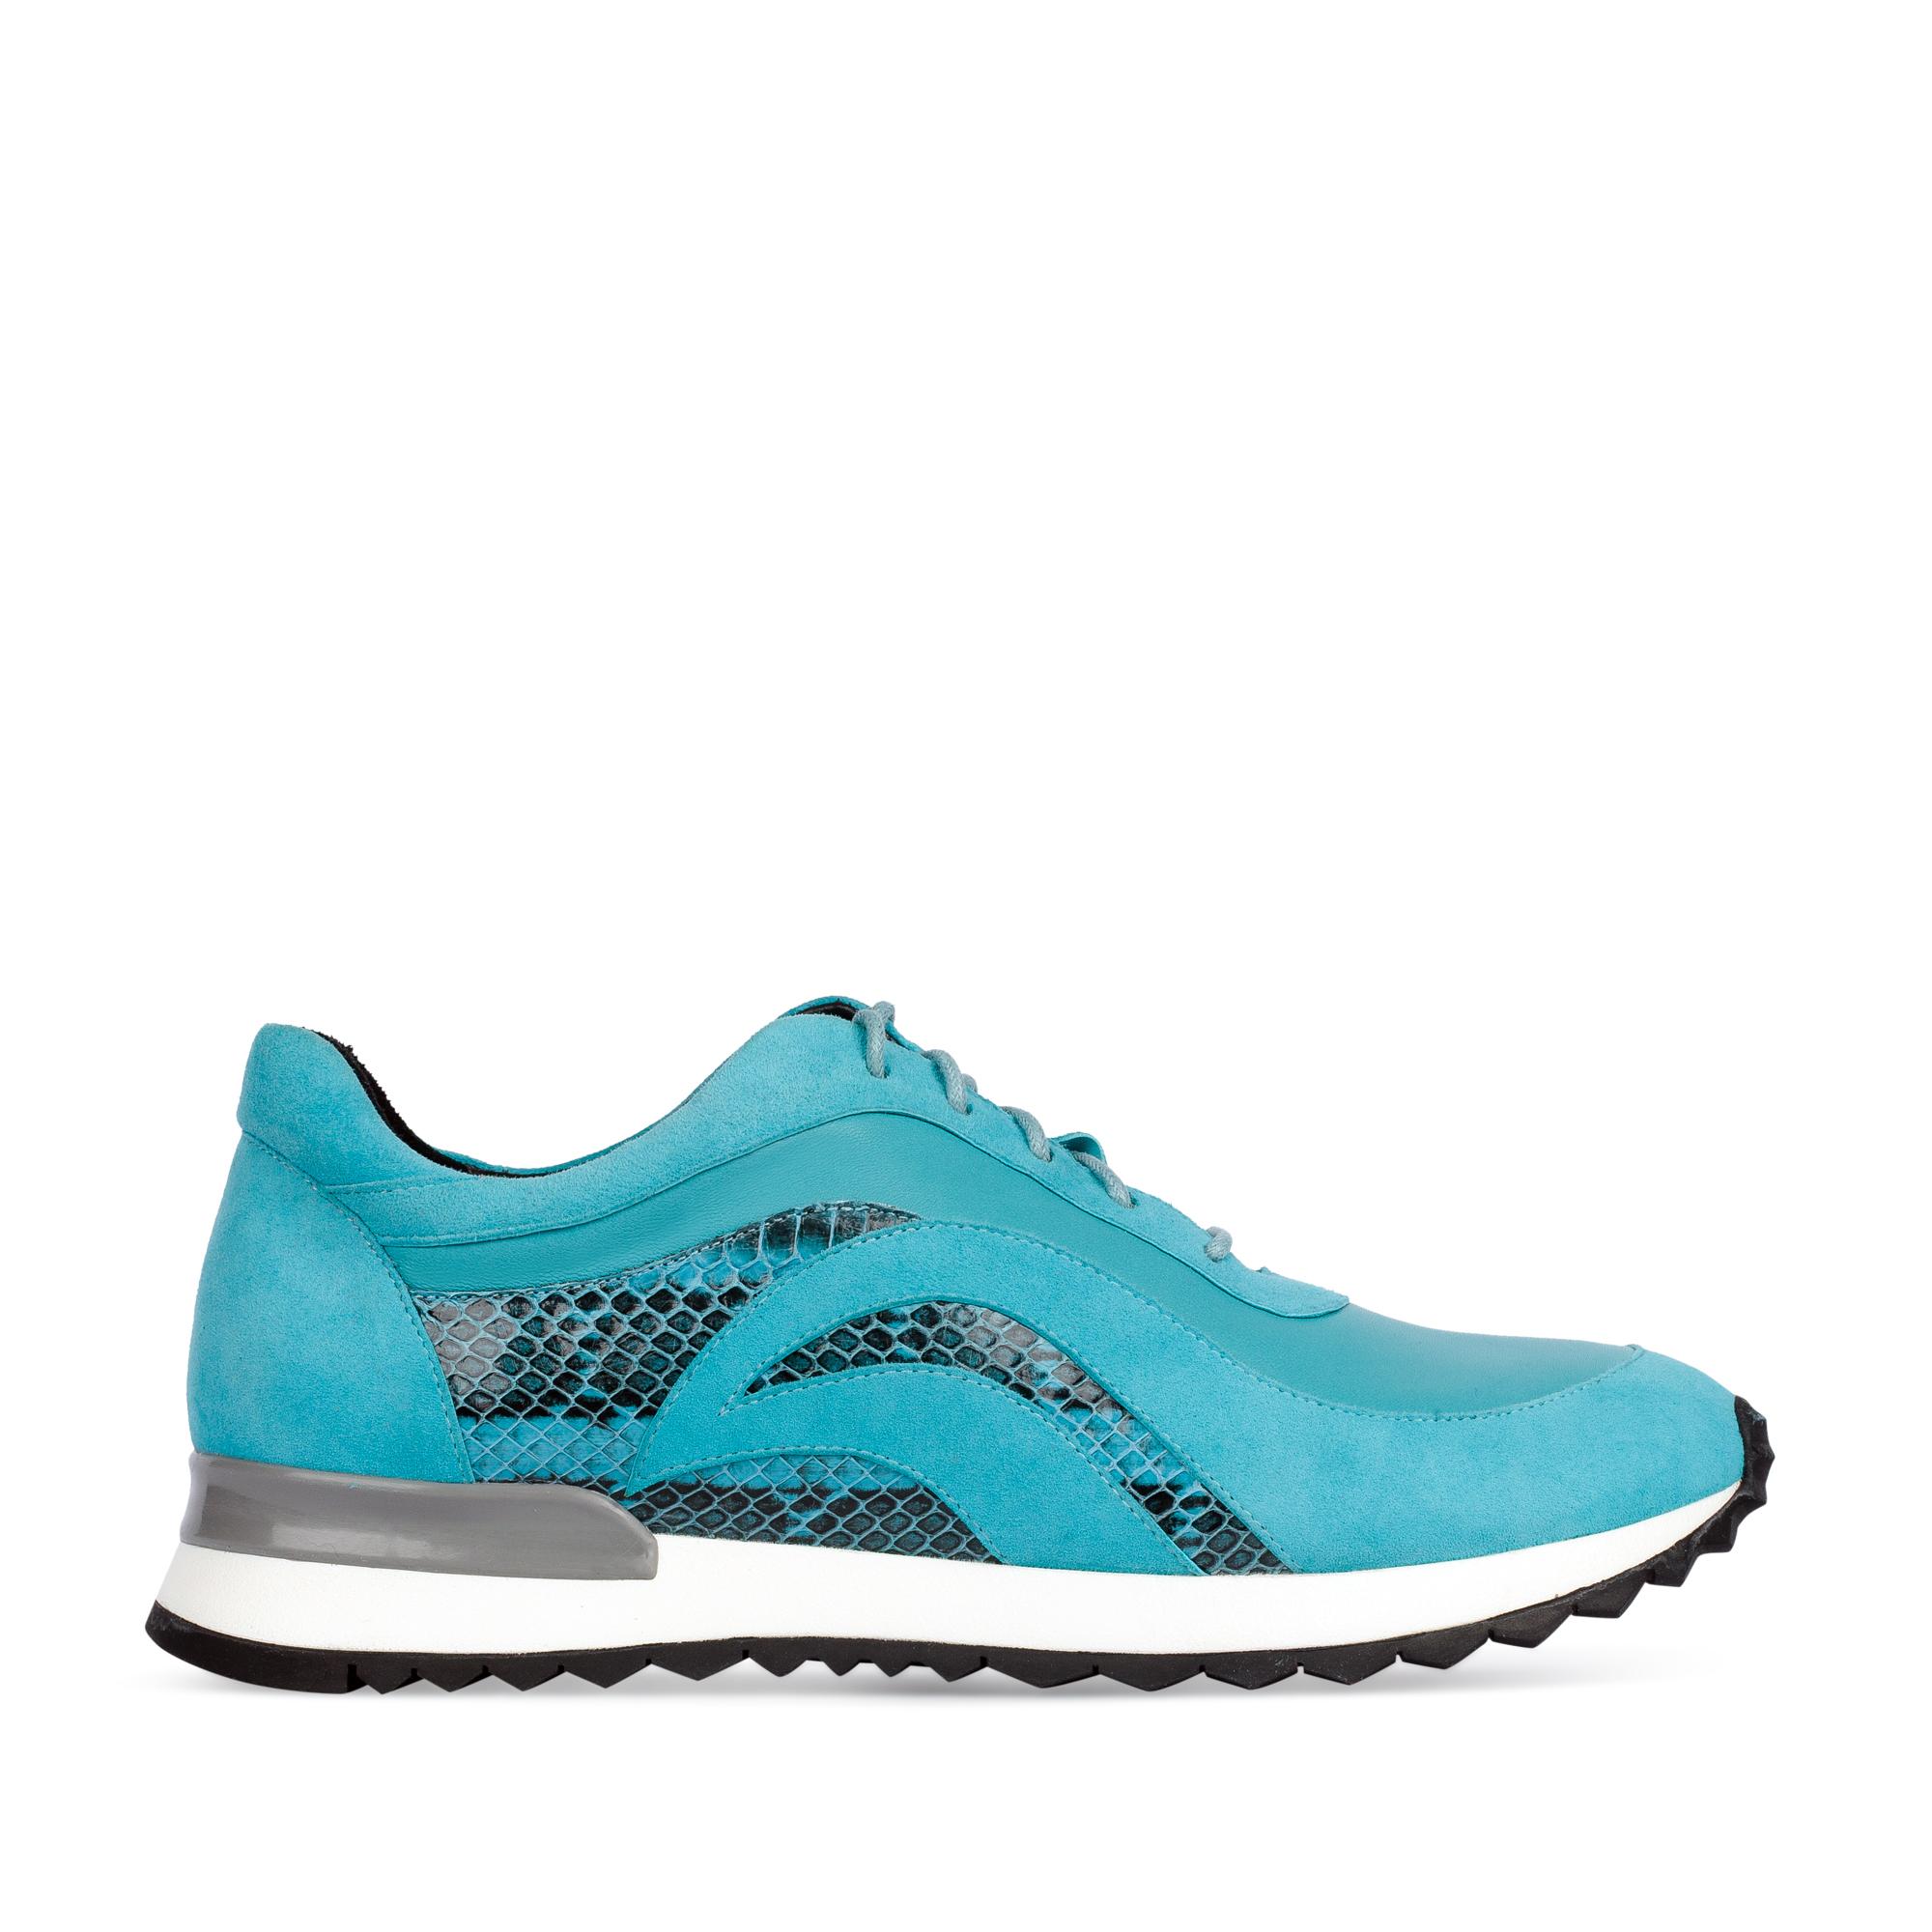 Замшевые кроссовки голубого цвета с вставками из кожи змеи